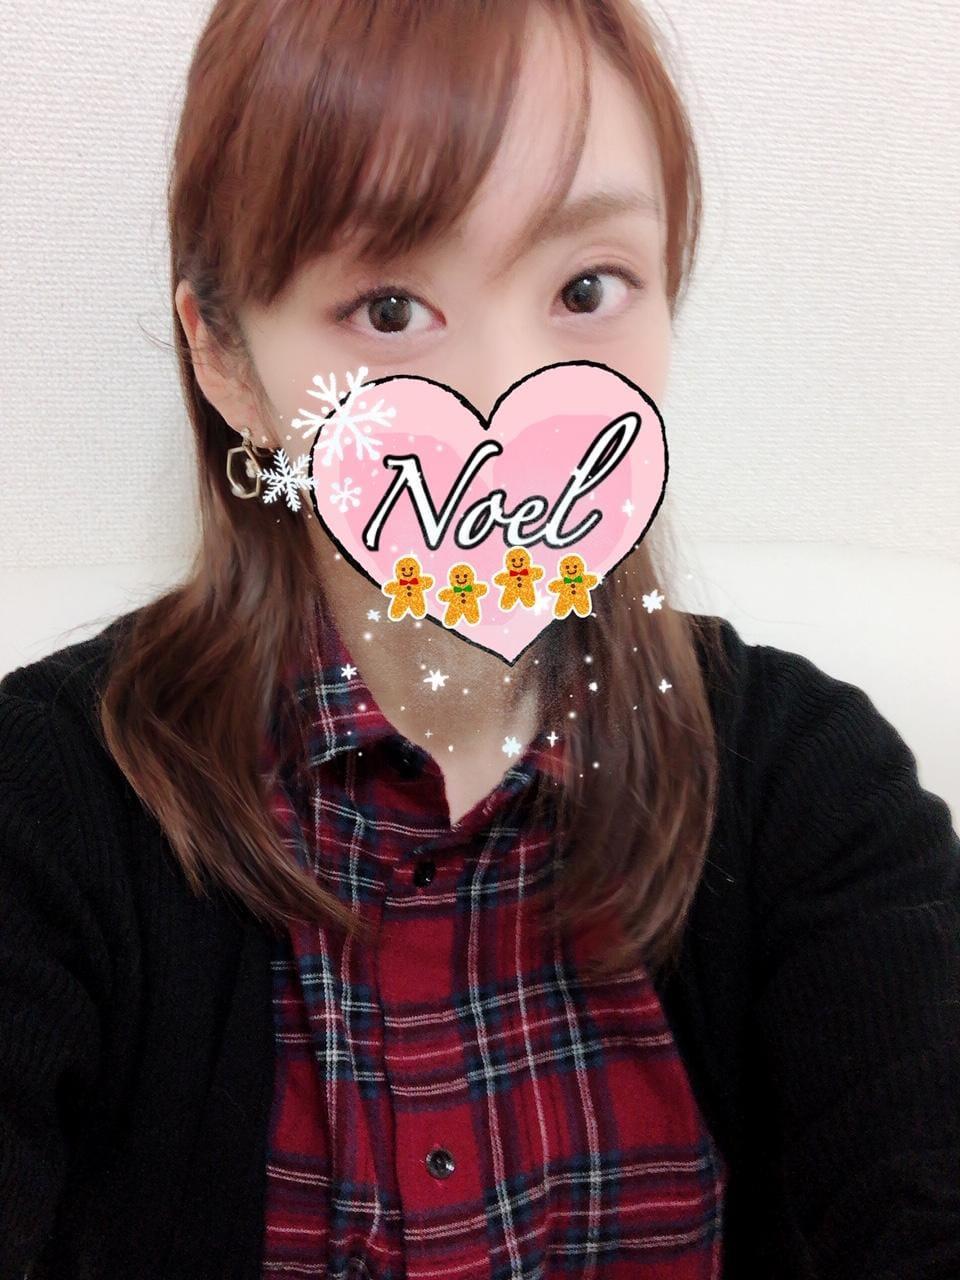 「こんばんは?」12/12(12/12) 18:36   のえるの写メ・風俗動画